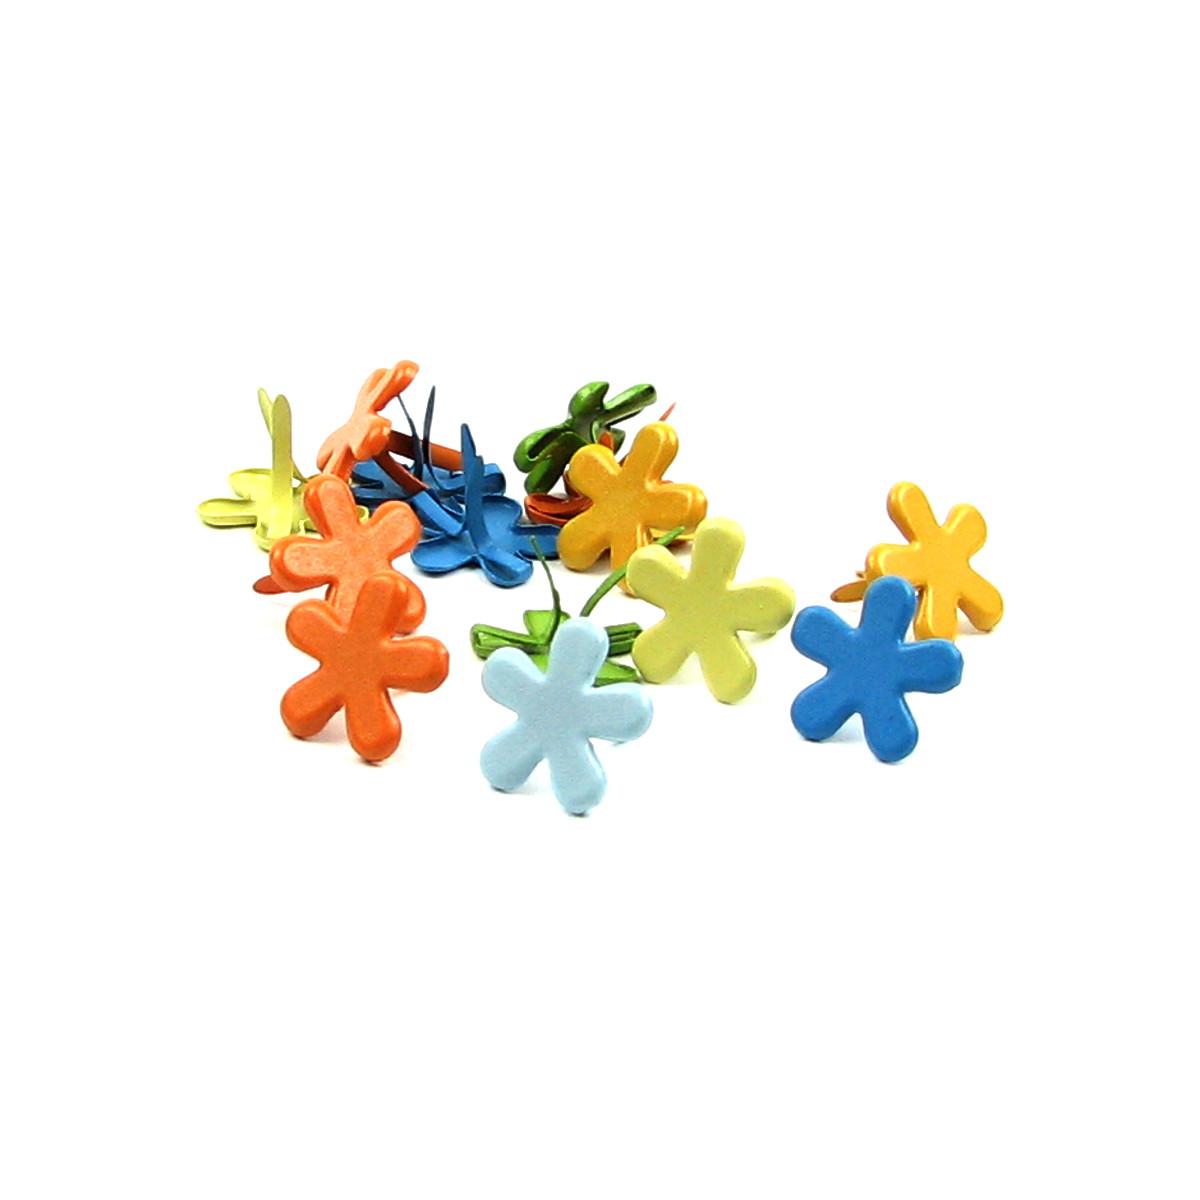 Брадсы цветочки для рукоделия 15мм разные цвета 10шт в наборе